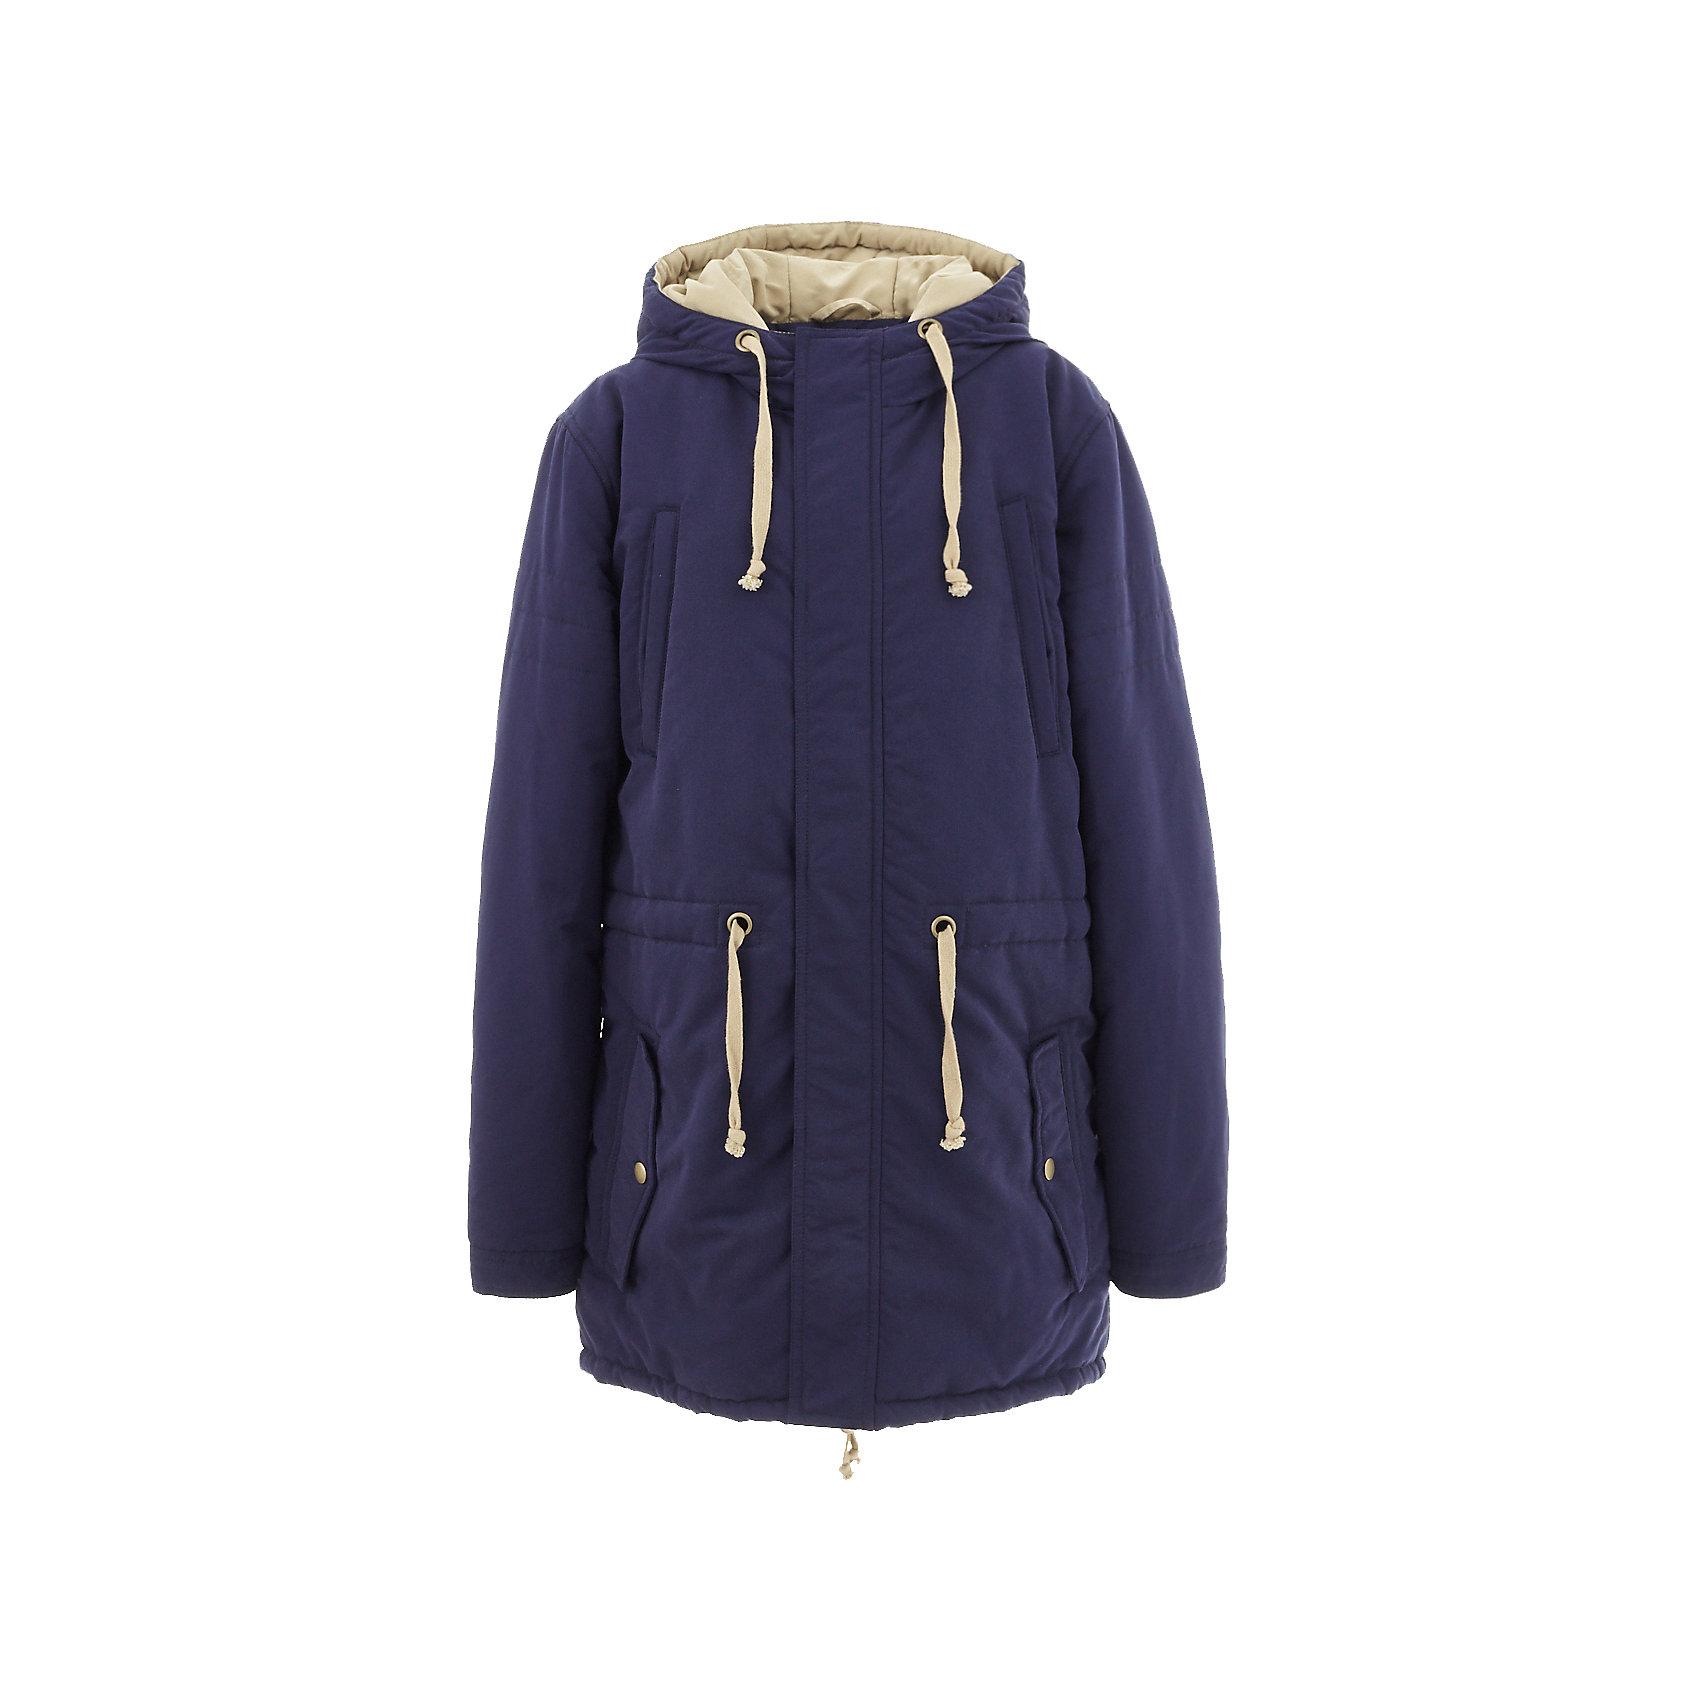 Полупальто BUTTON BLUE для мальчикаВерхняя одежда<br>Полупальто BUTTON BLUE для мальчика<br>В преддверии осенней сырости и холодов главная задача родителей - купить полупальто или хорошую куртку! Добротное полупальто для мальчика - гарантия тепла и комфорта. Модная хлопковая плащевка  создает настроение, интересная цветовая комбинация вносит разнообразие в хмурые осенние будни, актуальная модель парка делает полупальто привлекательным. У полупальто от Button Blue есть все шансы стать базовой вещью в практичном осеннем гардеробе ребенка! Прекрасный внешний вид и функциональность делают полупальто от Button Blue востребованной моделью. Оптимальная цена позволяет создать полноценный и разнообразный детский гардероб из модных, нужных и интересных вещей.<br>Состав:<br>тк. верха: 100% полиэстер,                                             Подкл. 100% хлопок/100% полиэстер,                                                  Утепл., 100% полиэстер,<br><br>Ширина мм: 356<br>Глубина мм: 10<br>Высота мм: 245<br>Вес г: 519<br>Цвет: синий<br>Возраст от месяцев: 108<br>Возраст до месяцев: 120<br>Пол: Мужской<br>Возраст: Детский<br>Размер: 140,146,152,158,104,110,116,122,128,134<br>SKU: 7038845